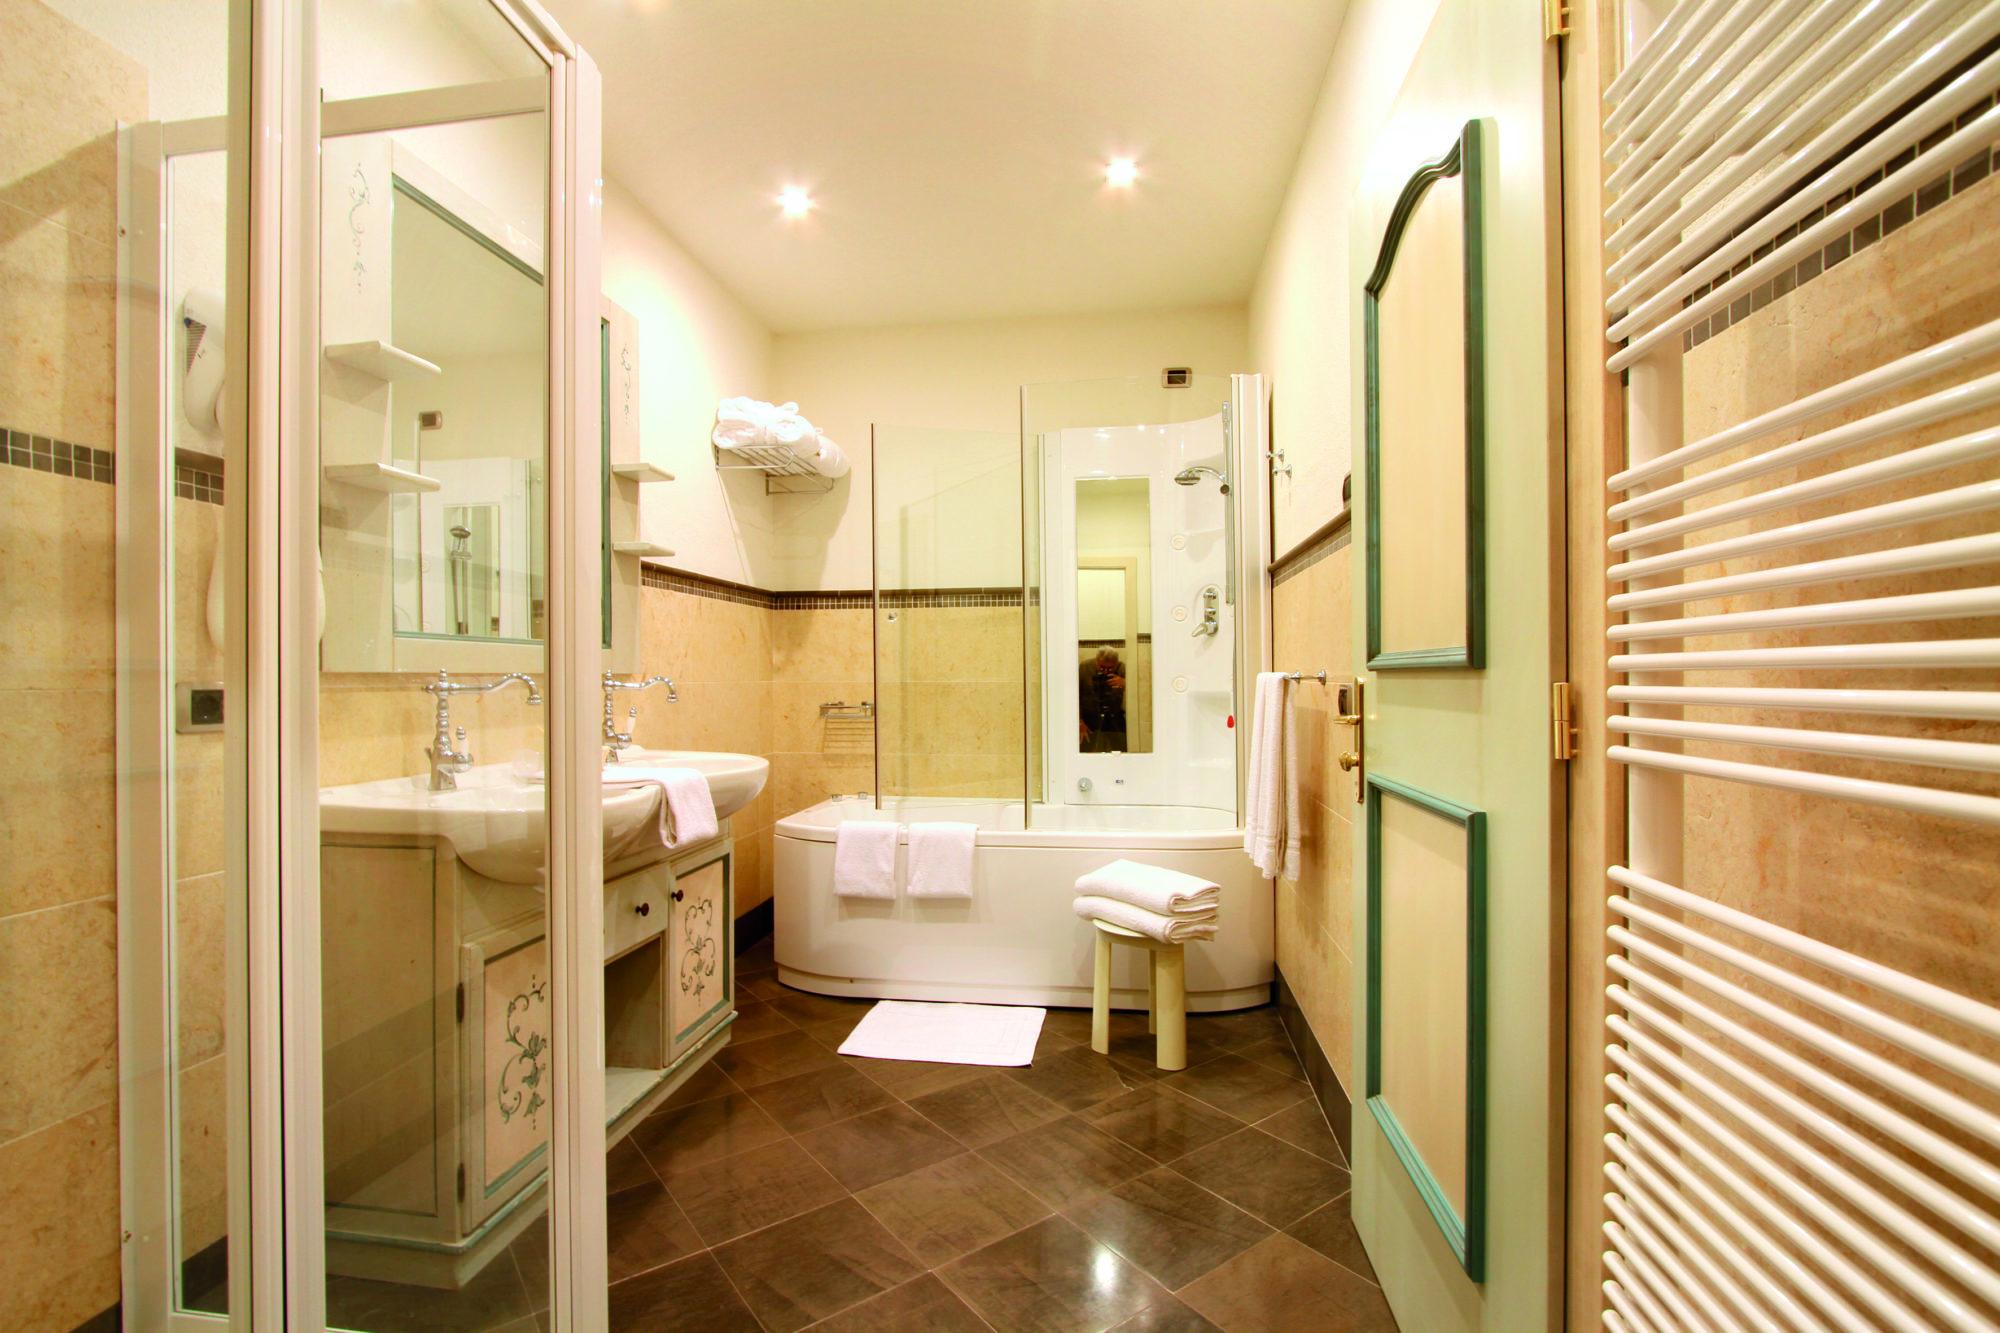 21b Hotel Dolomiti - Bathroom